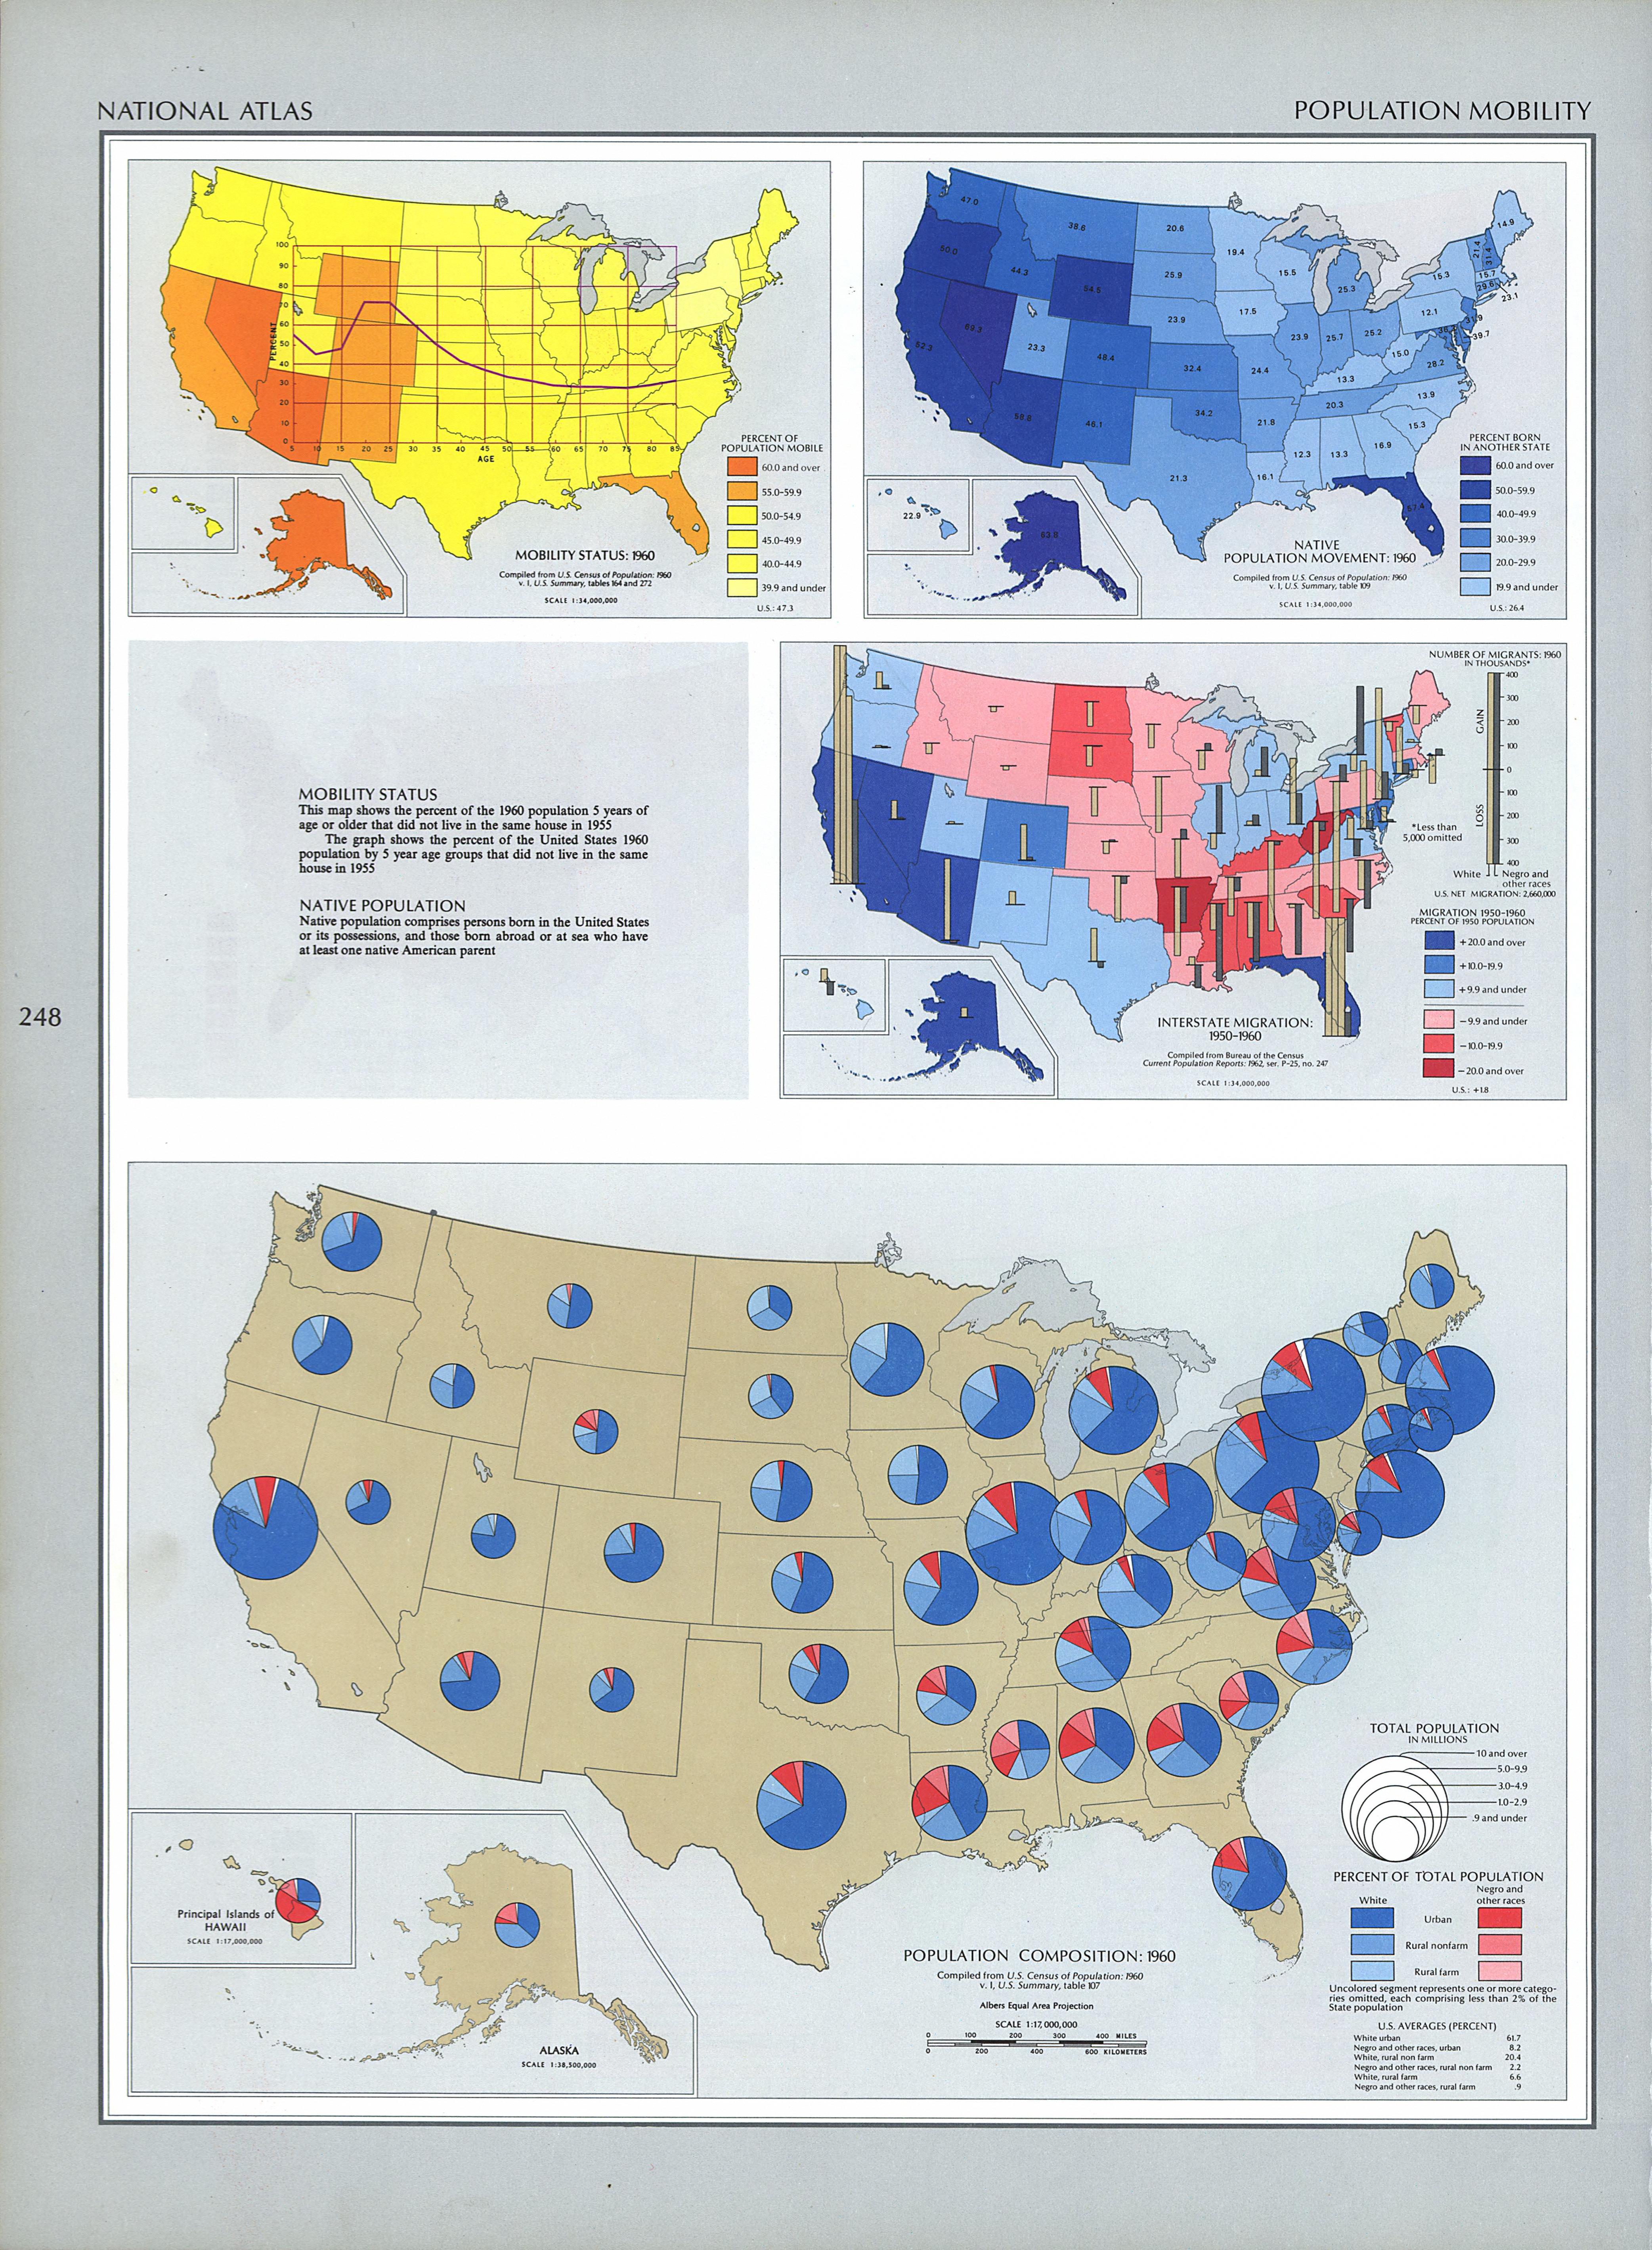 Mapa de la Movilidad de la Población en Estados Unidos